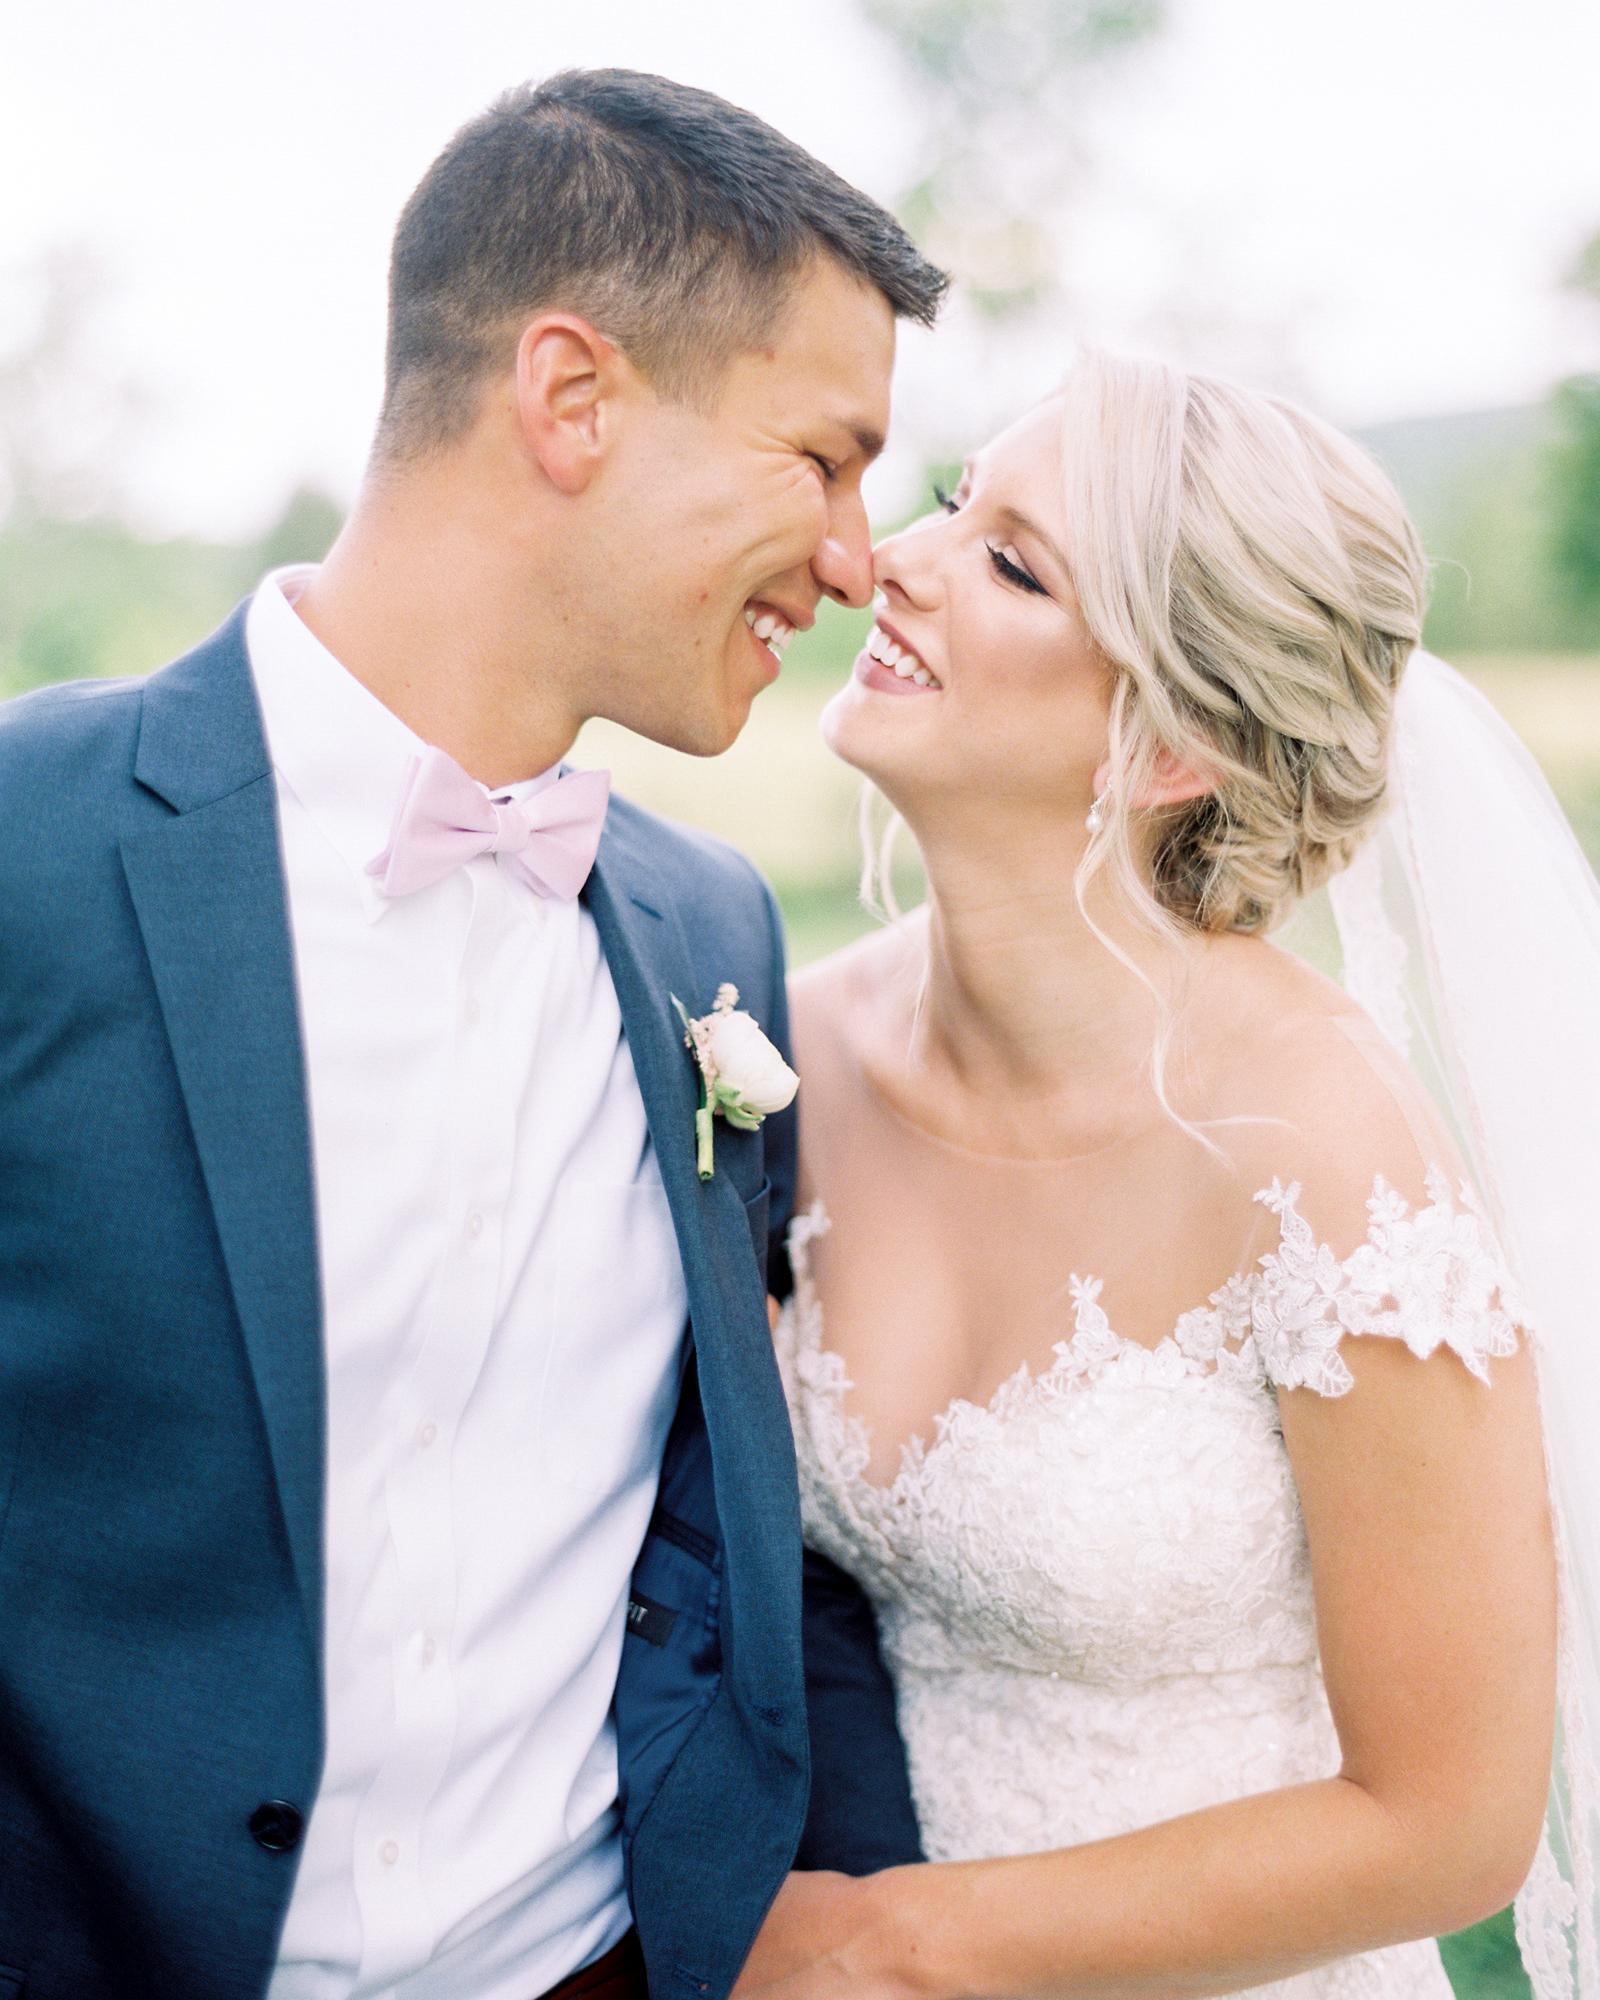 Sorella-farms-barn-wedding-venue-lynchburg-film-photographer-39.jpg